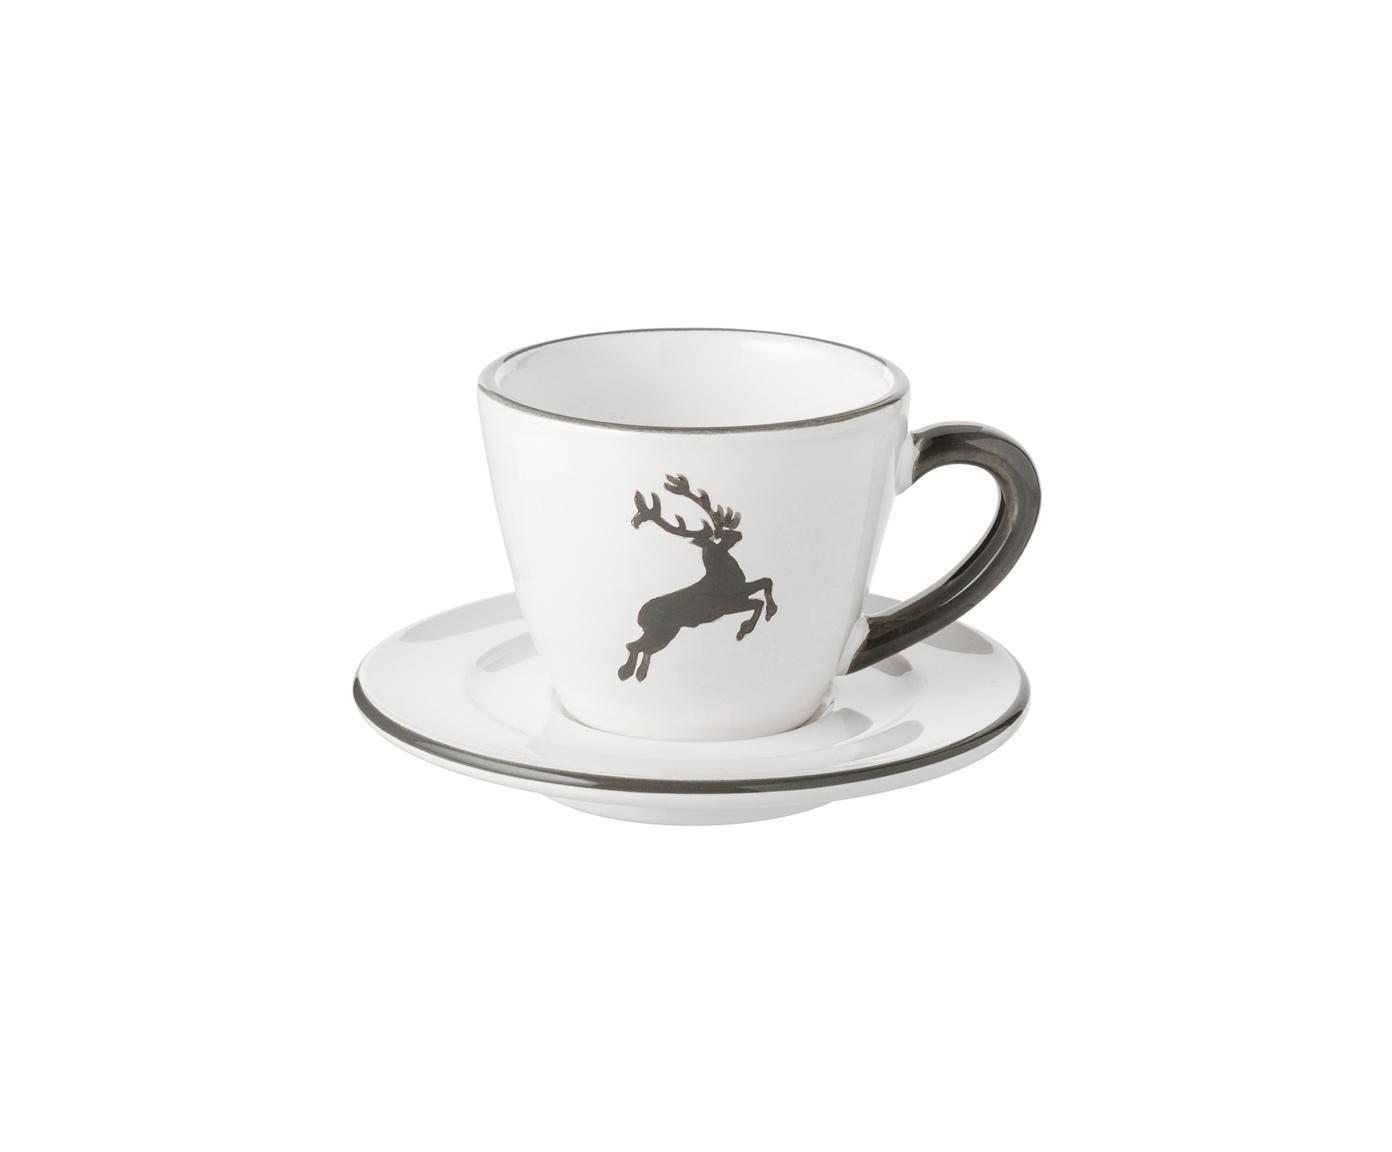 Set tazze da caffè Gourmet Grauer Hirsch, 2 pz., Porcellana Fine Bone China, Grigio, bianco, 60 ml